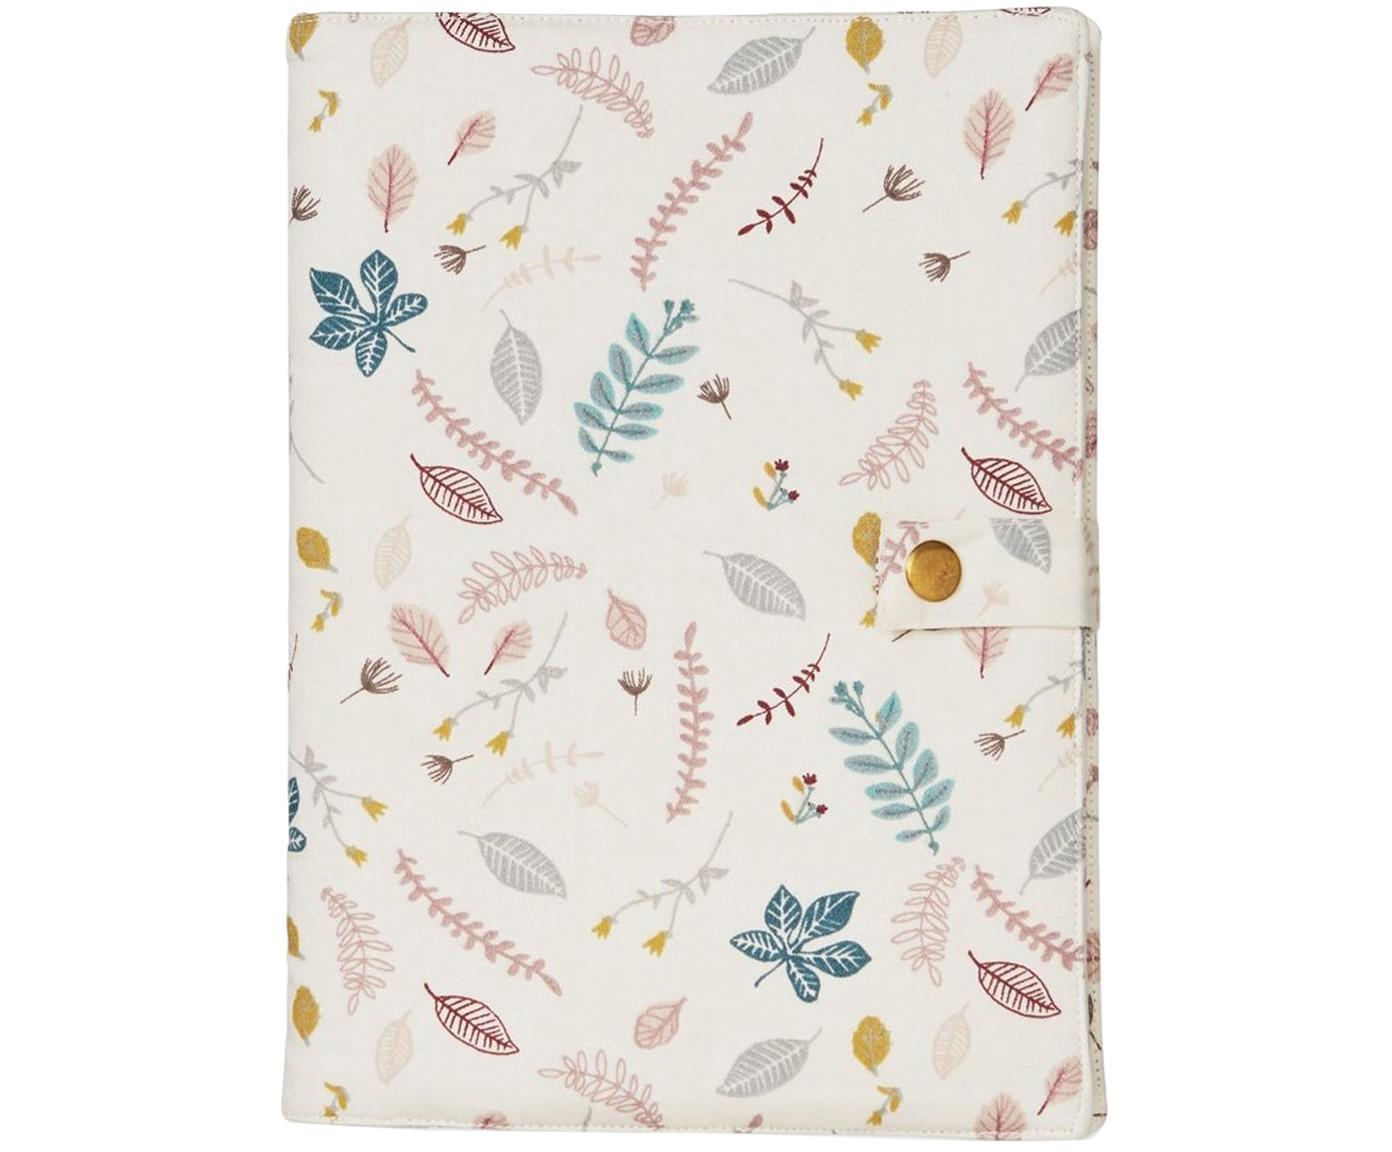 Copertina per U-book Pressed Leaves in cotone organico, Cotone organico, certificato OCS, Rosa, multicolore, Larg. 15 x Alt. 21 cm